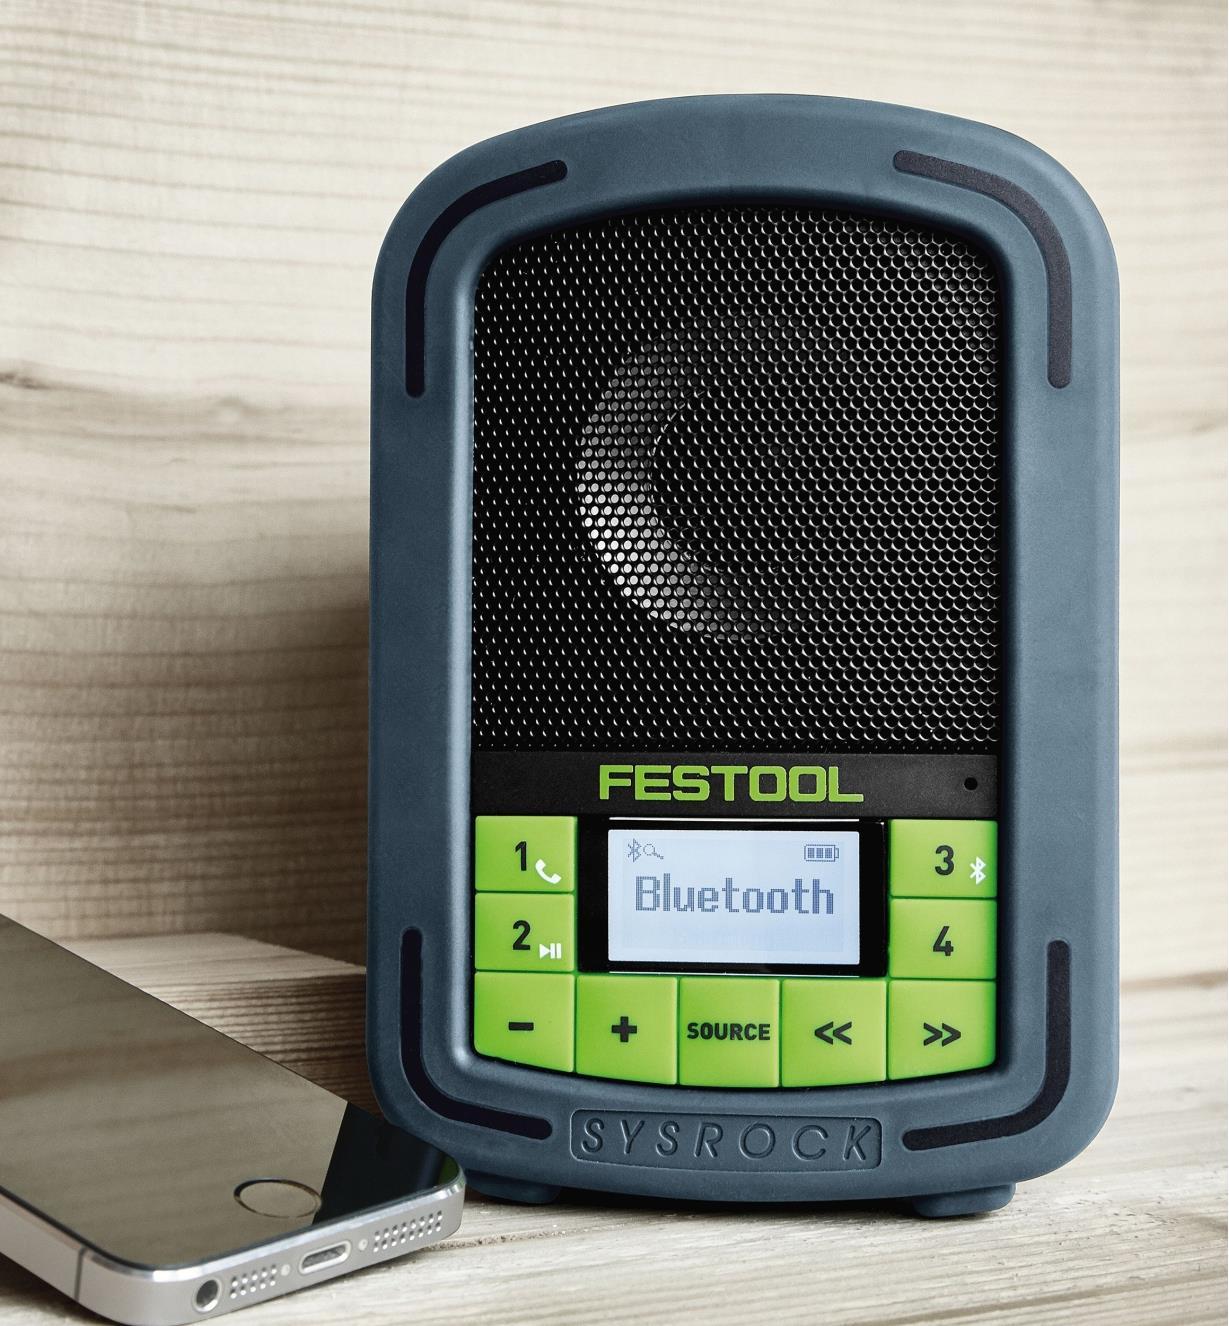 ZT200184 - Sysrock